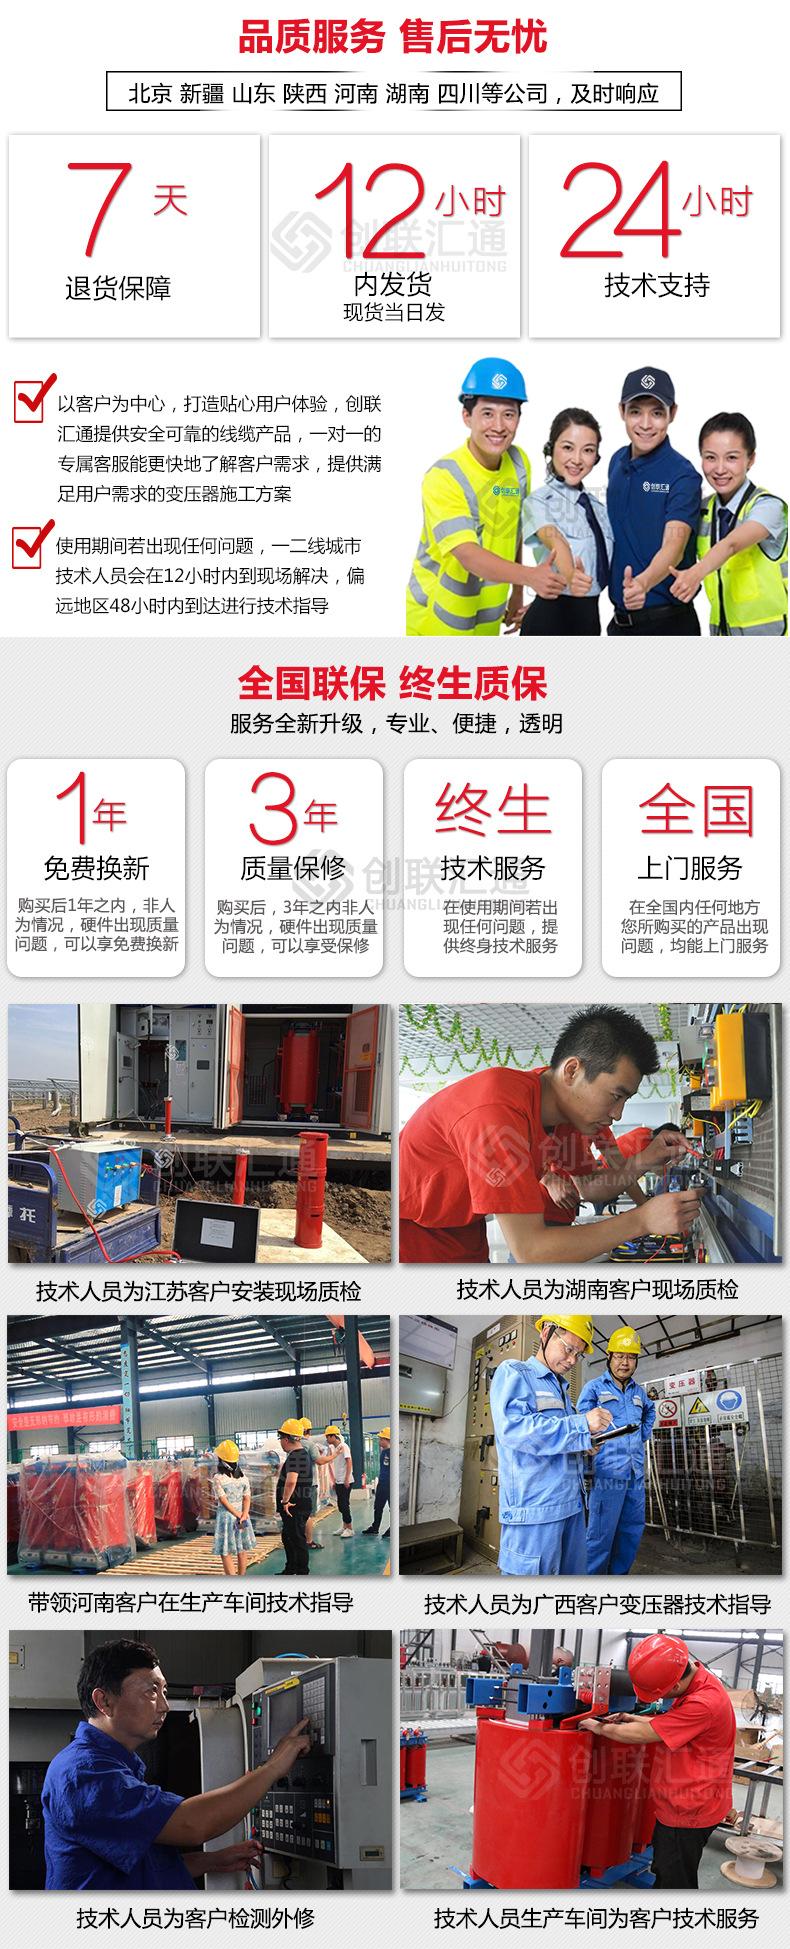 SCBH15-1250kva非晶合金干式变压器全铜材质、生产厂家-创联汇通示例图18